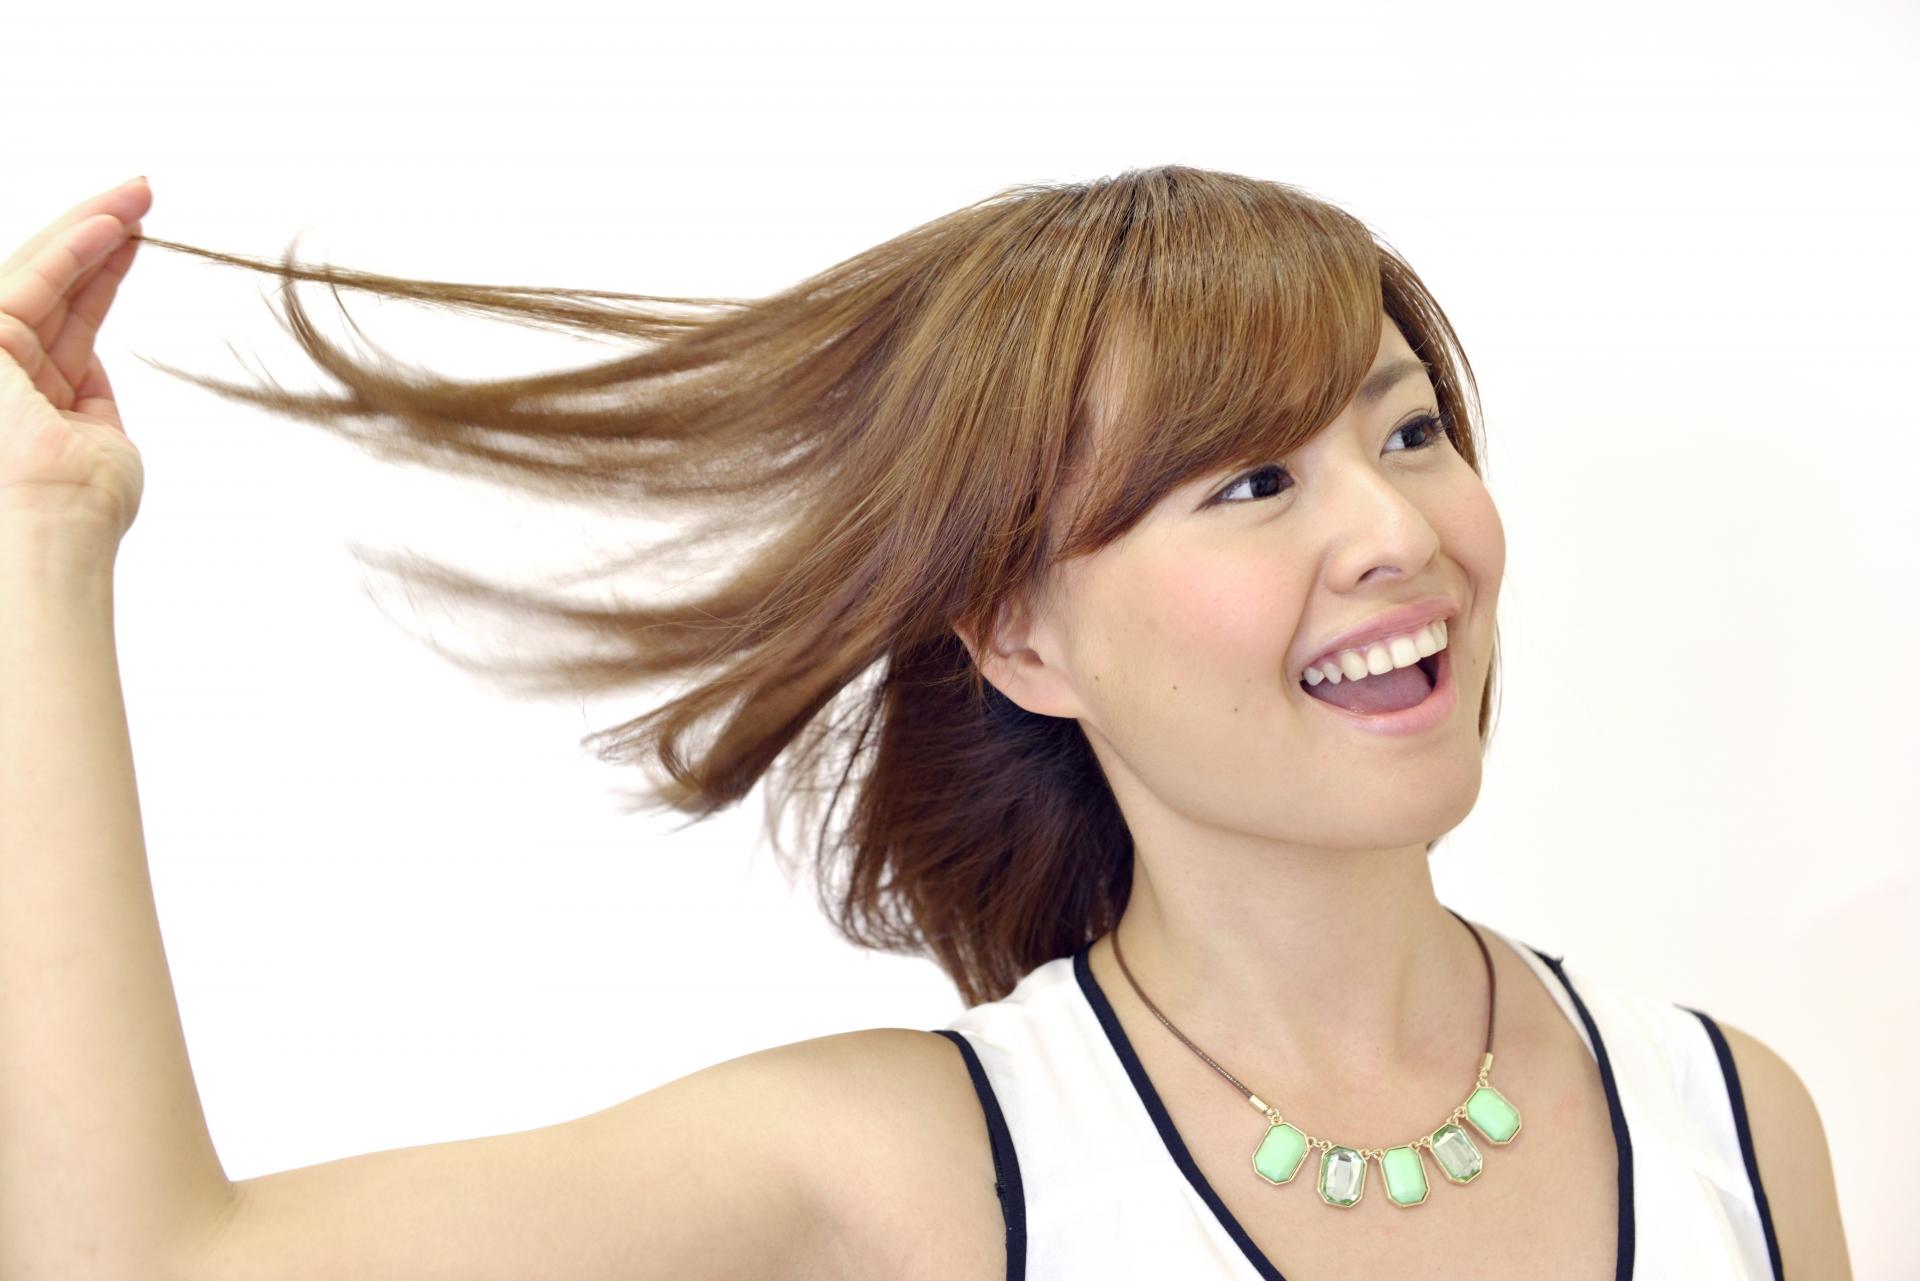 サラサラな髪の女性